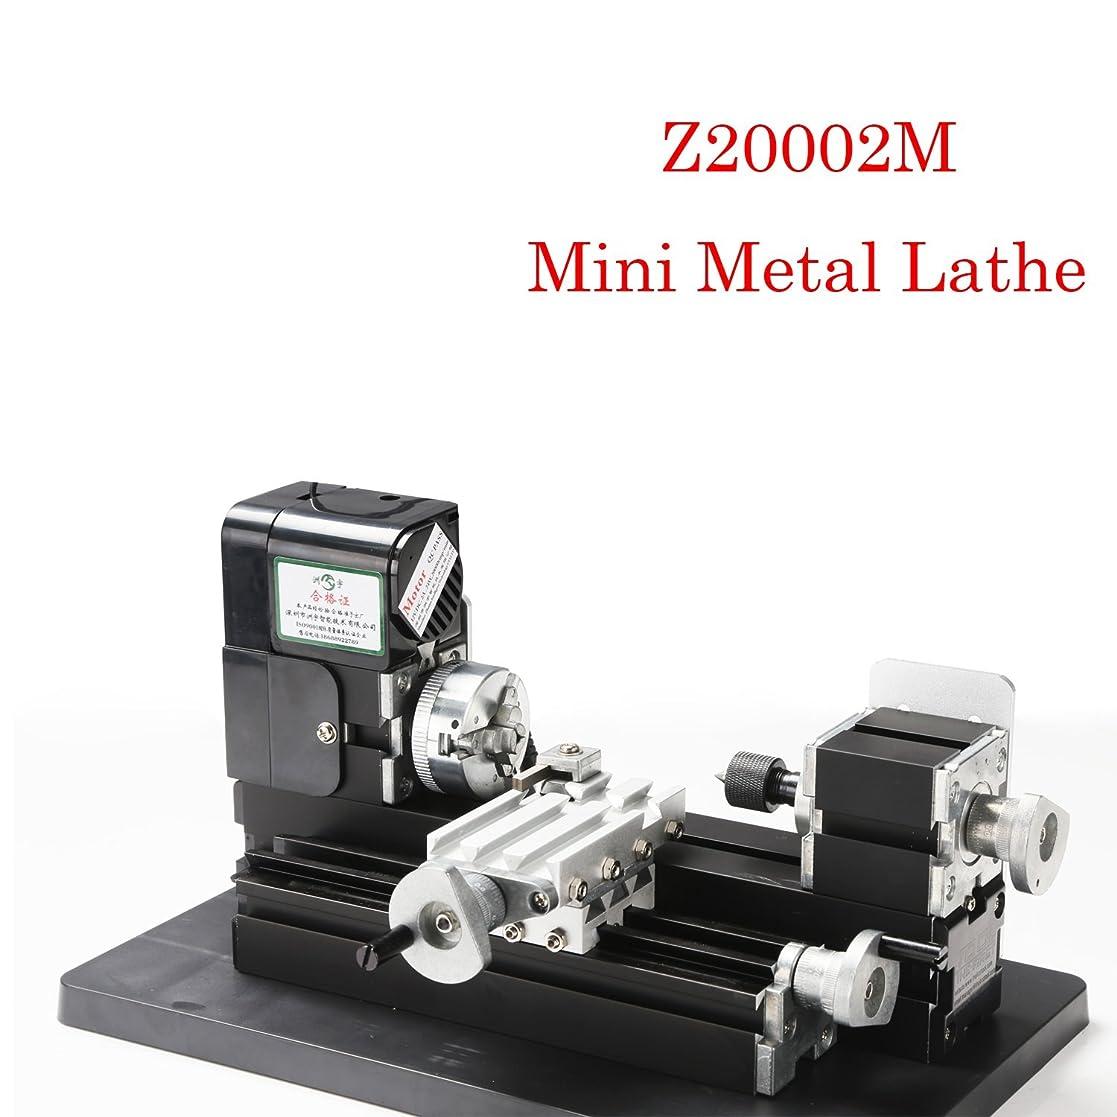 ヘッジアーサーコナンドイルはずミニ旋盤 金属製旋盤 24w 模型製作 DIYツール Z20002M 趣味 モデル作りのため